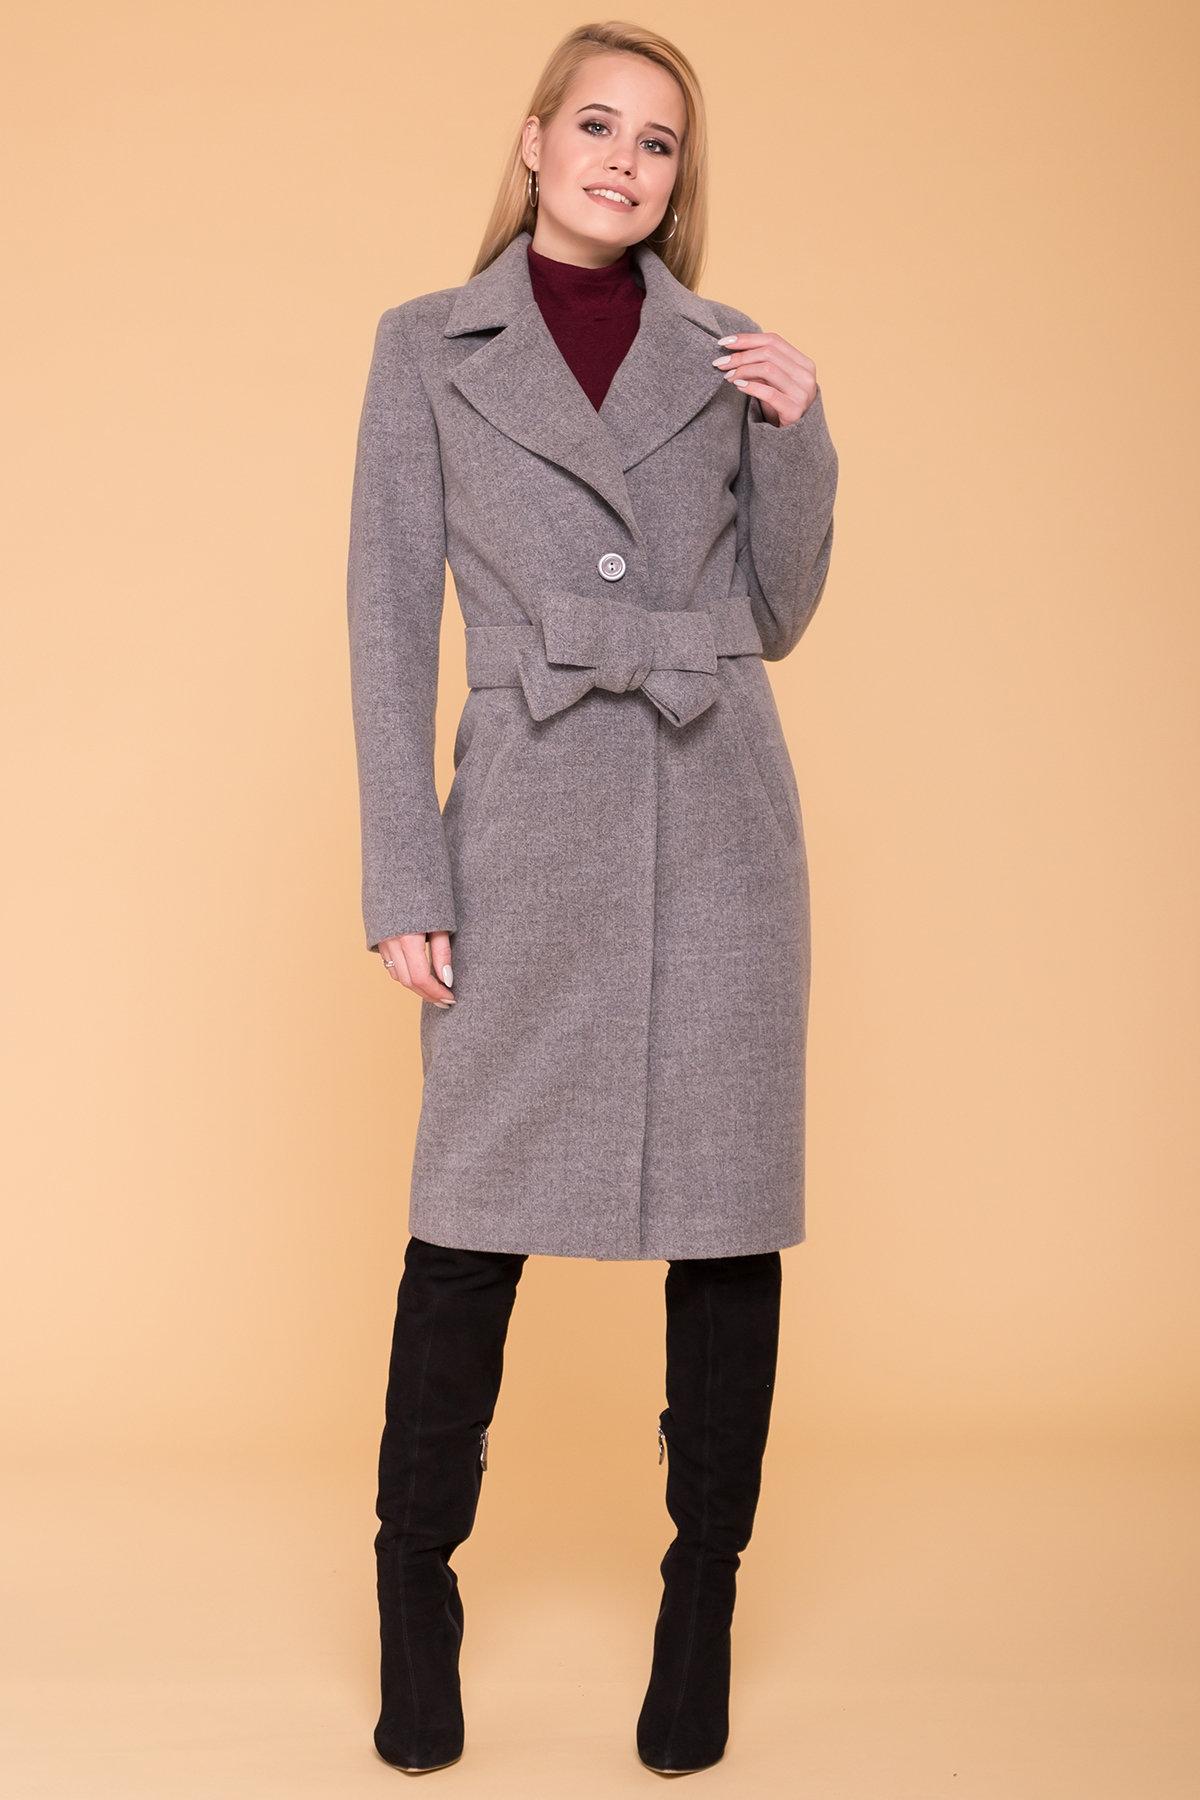 Купить демисезонное пальто от ТМ Modus Пальто Габриэлла 7876